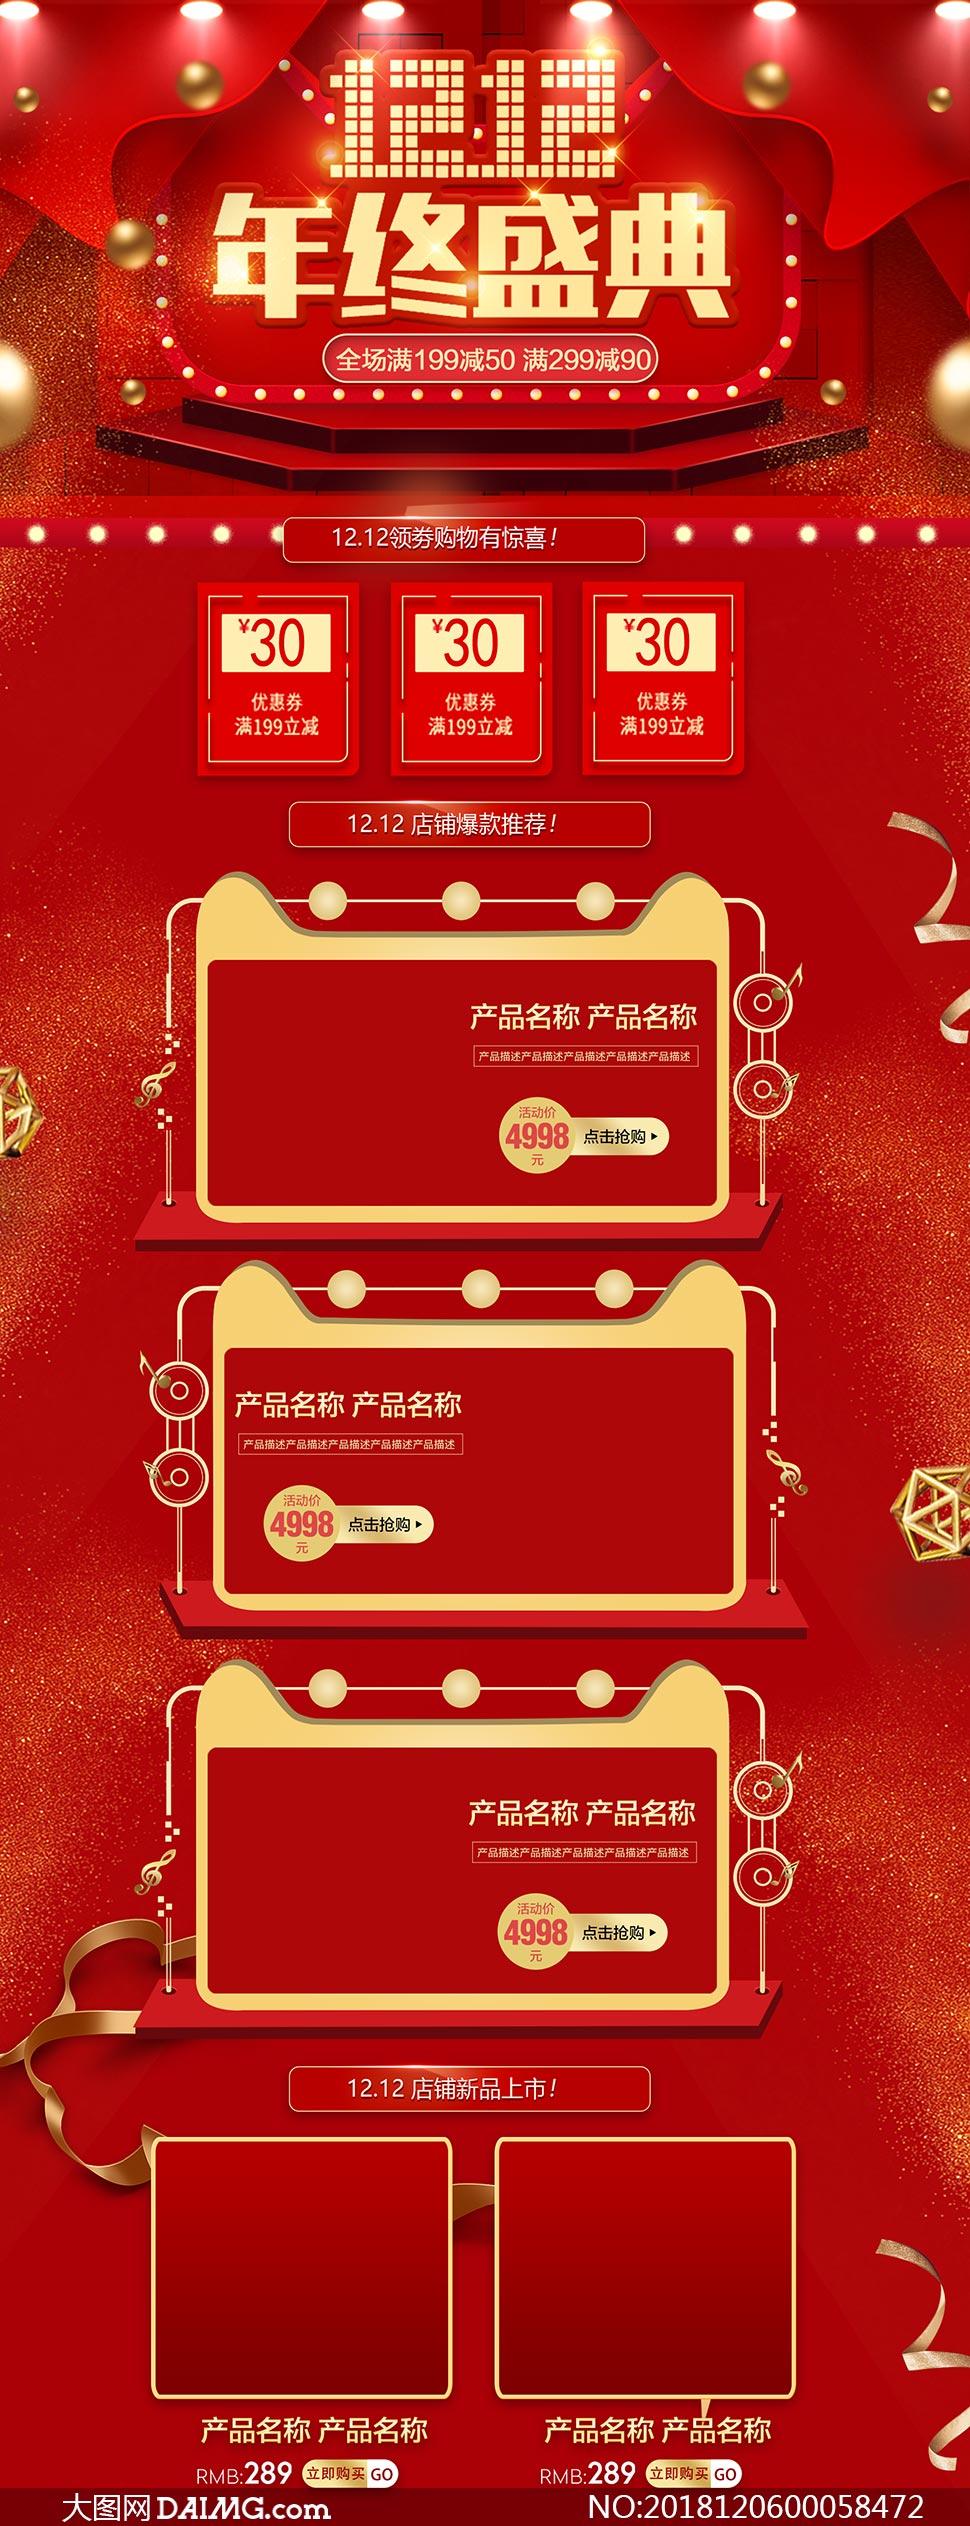 淘宝双12喜庆首页设计模板PSD素材